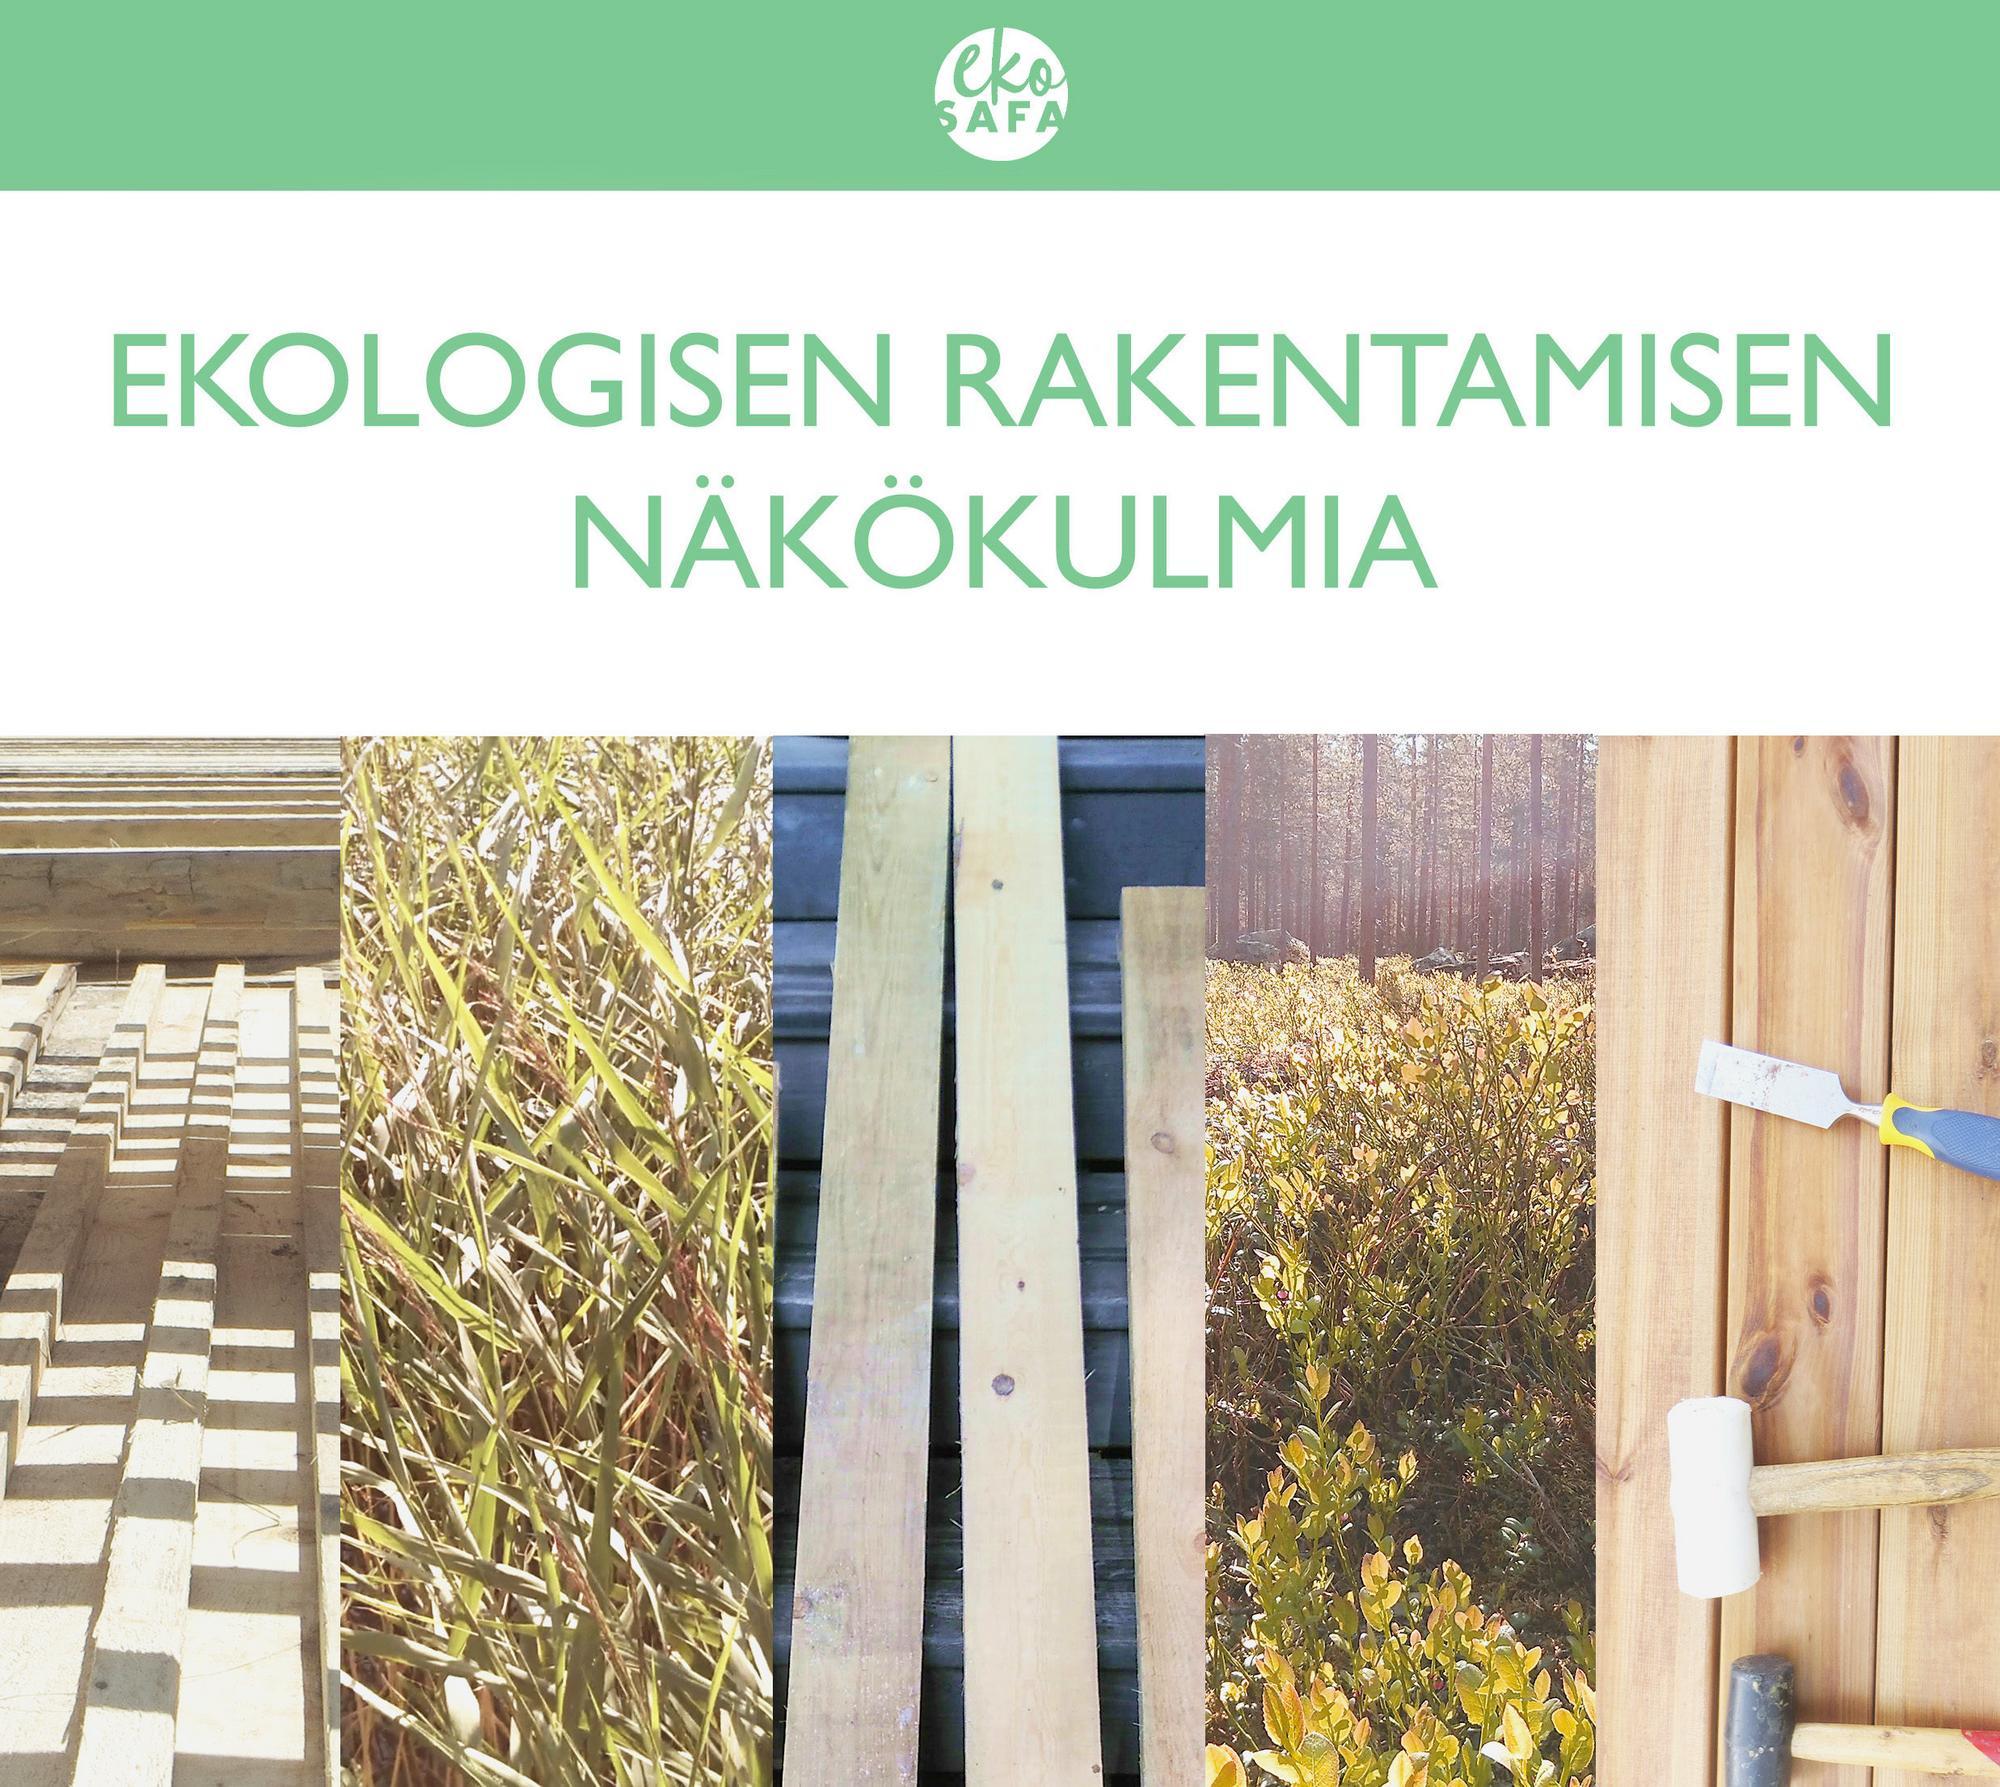 EKO-SAFAn Tuottamassa Podcastissa Käsitellään Asiantuntijoiden Kanssa Suuria Kysymyksiä - Suomen Ark